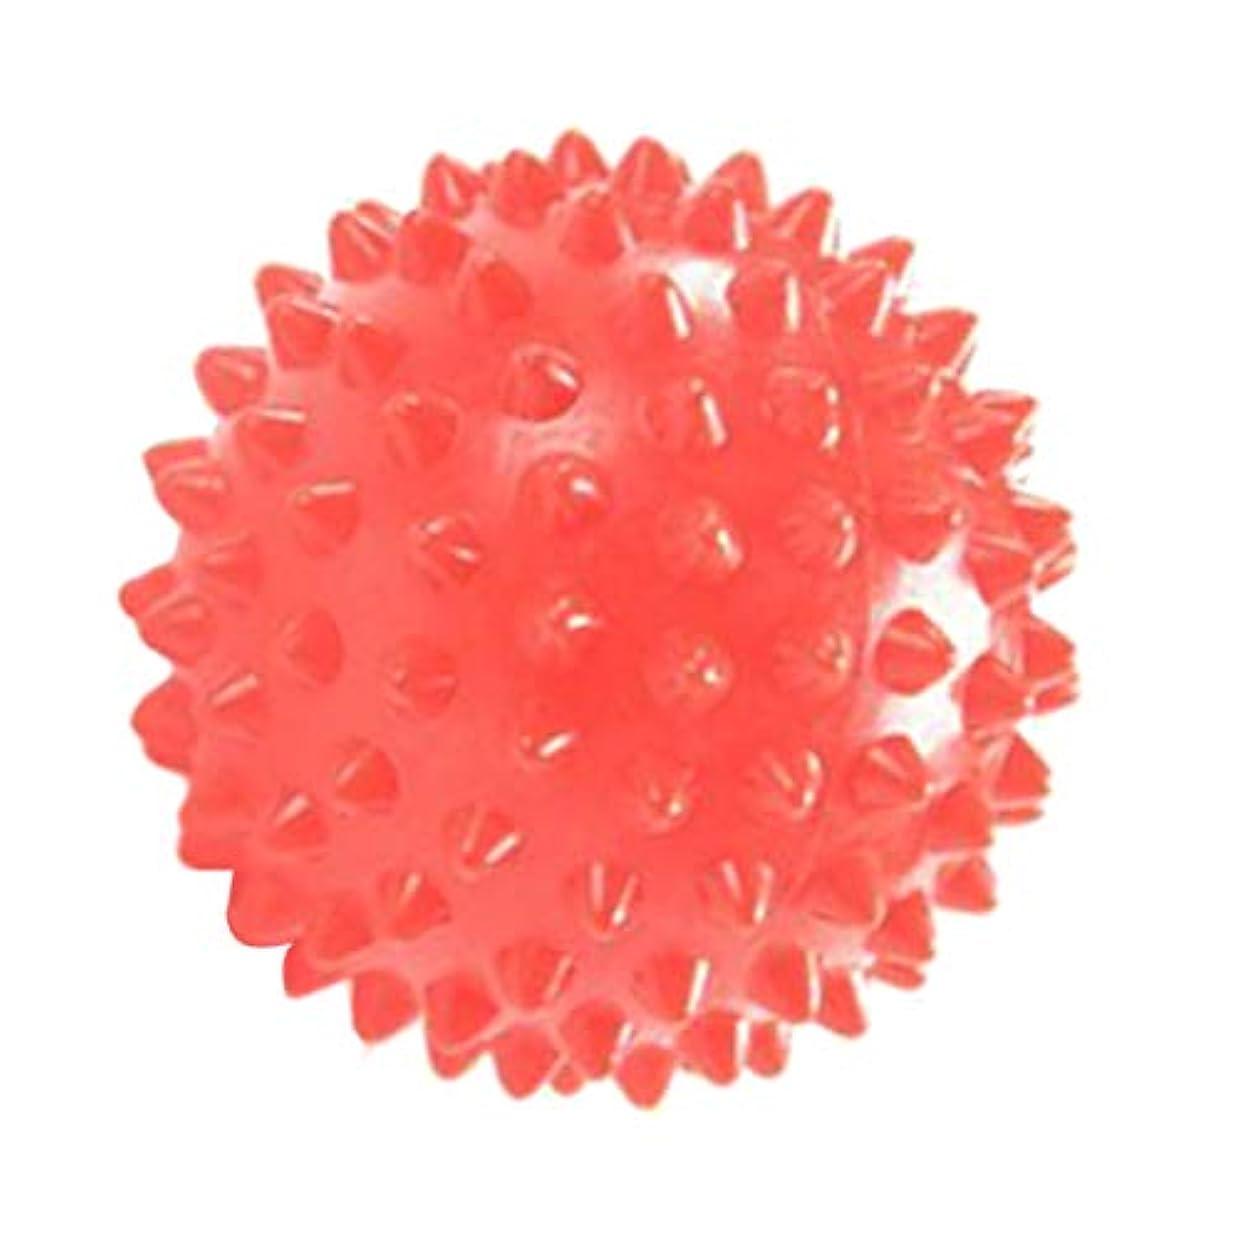 混沌火山の洗練dailymall マッサージボール 触覚ボール リフレクションボール 指圧ボール ツボ押し 筋膜リリースヨガ 7cm